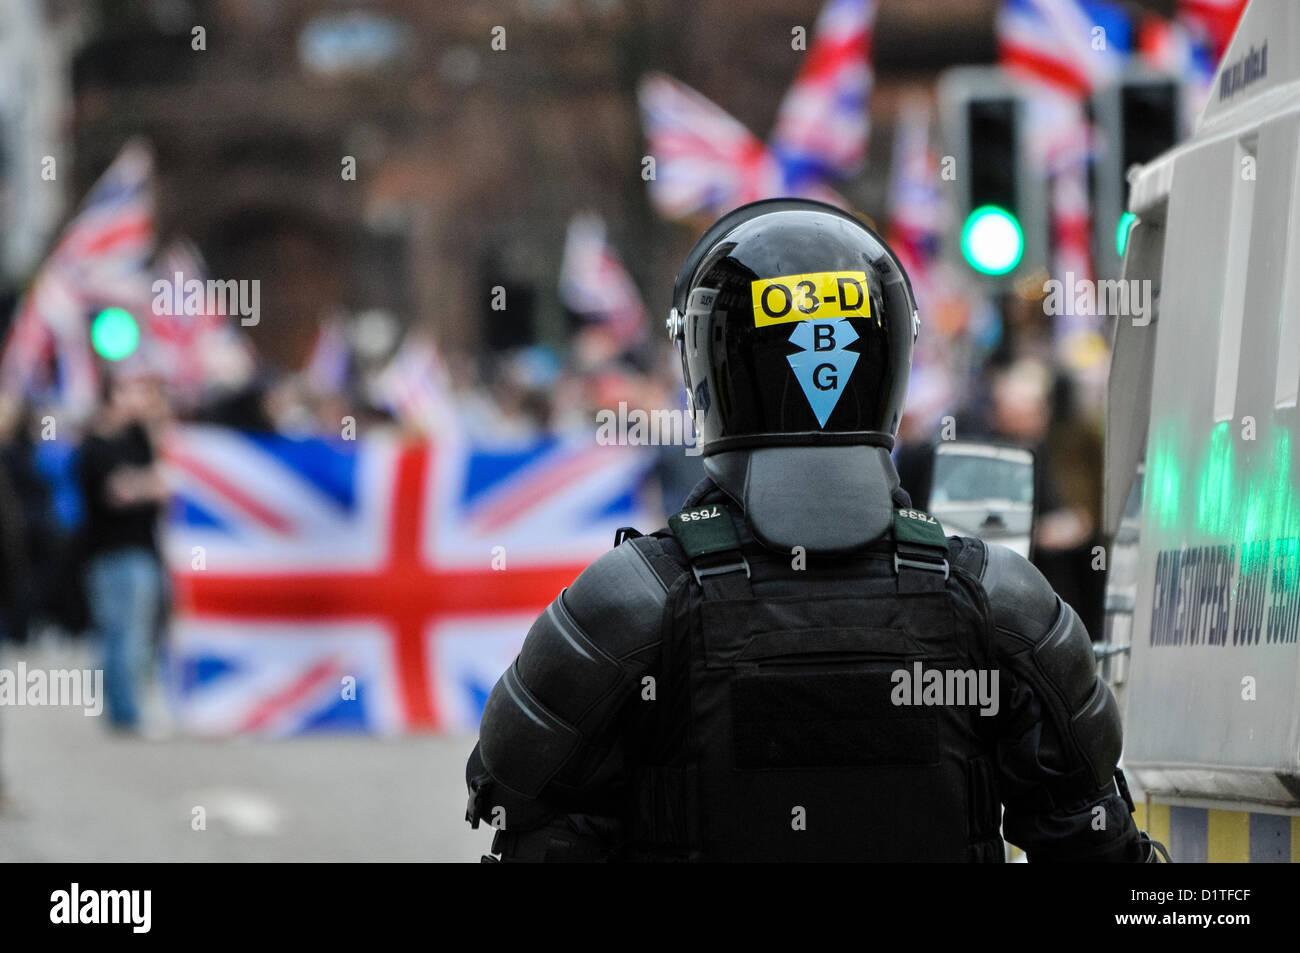 5 janvier 2013. Belfast, en Irlande du Nord - un agent de la PSNI Tactical Support Group (TSG) la montre que plus Photo Stock